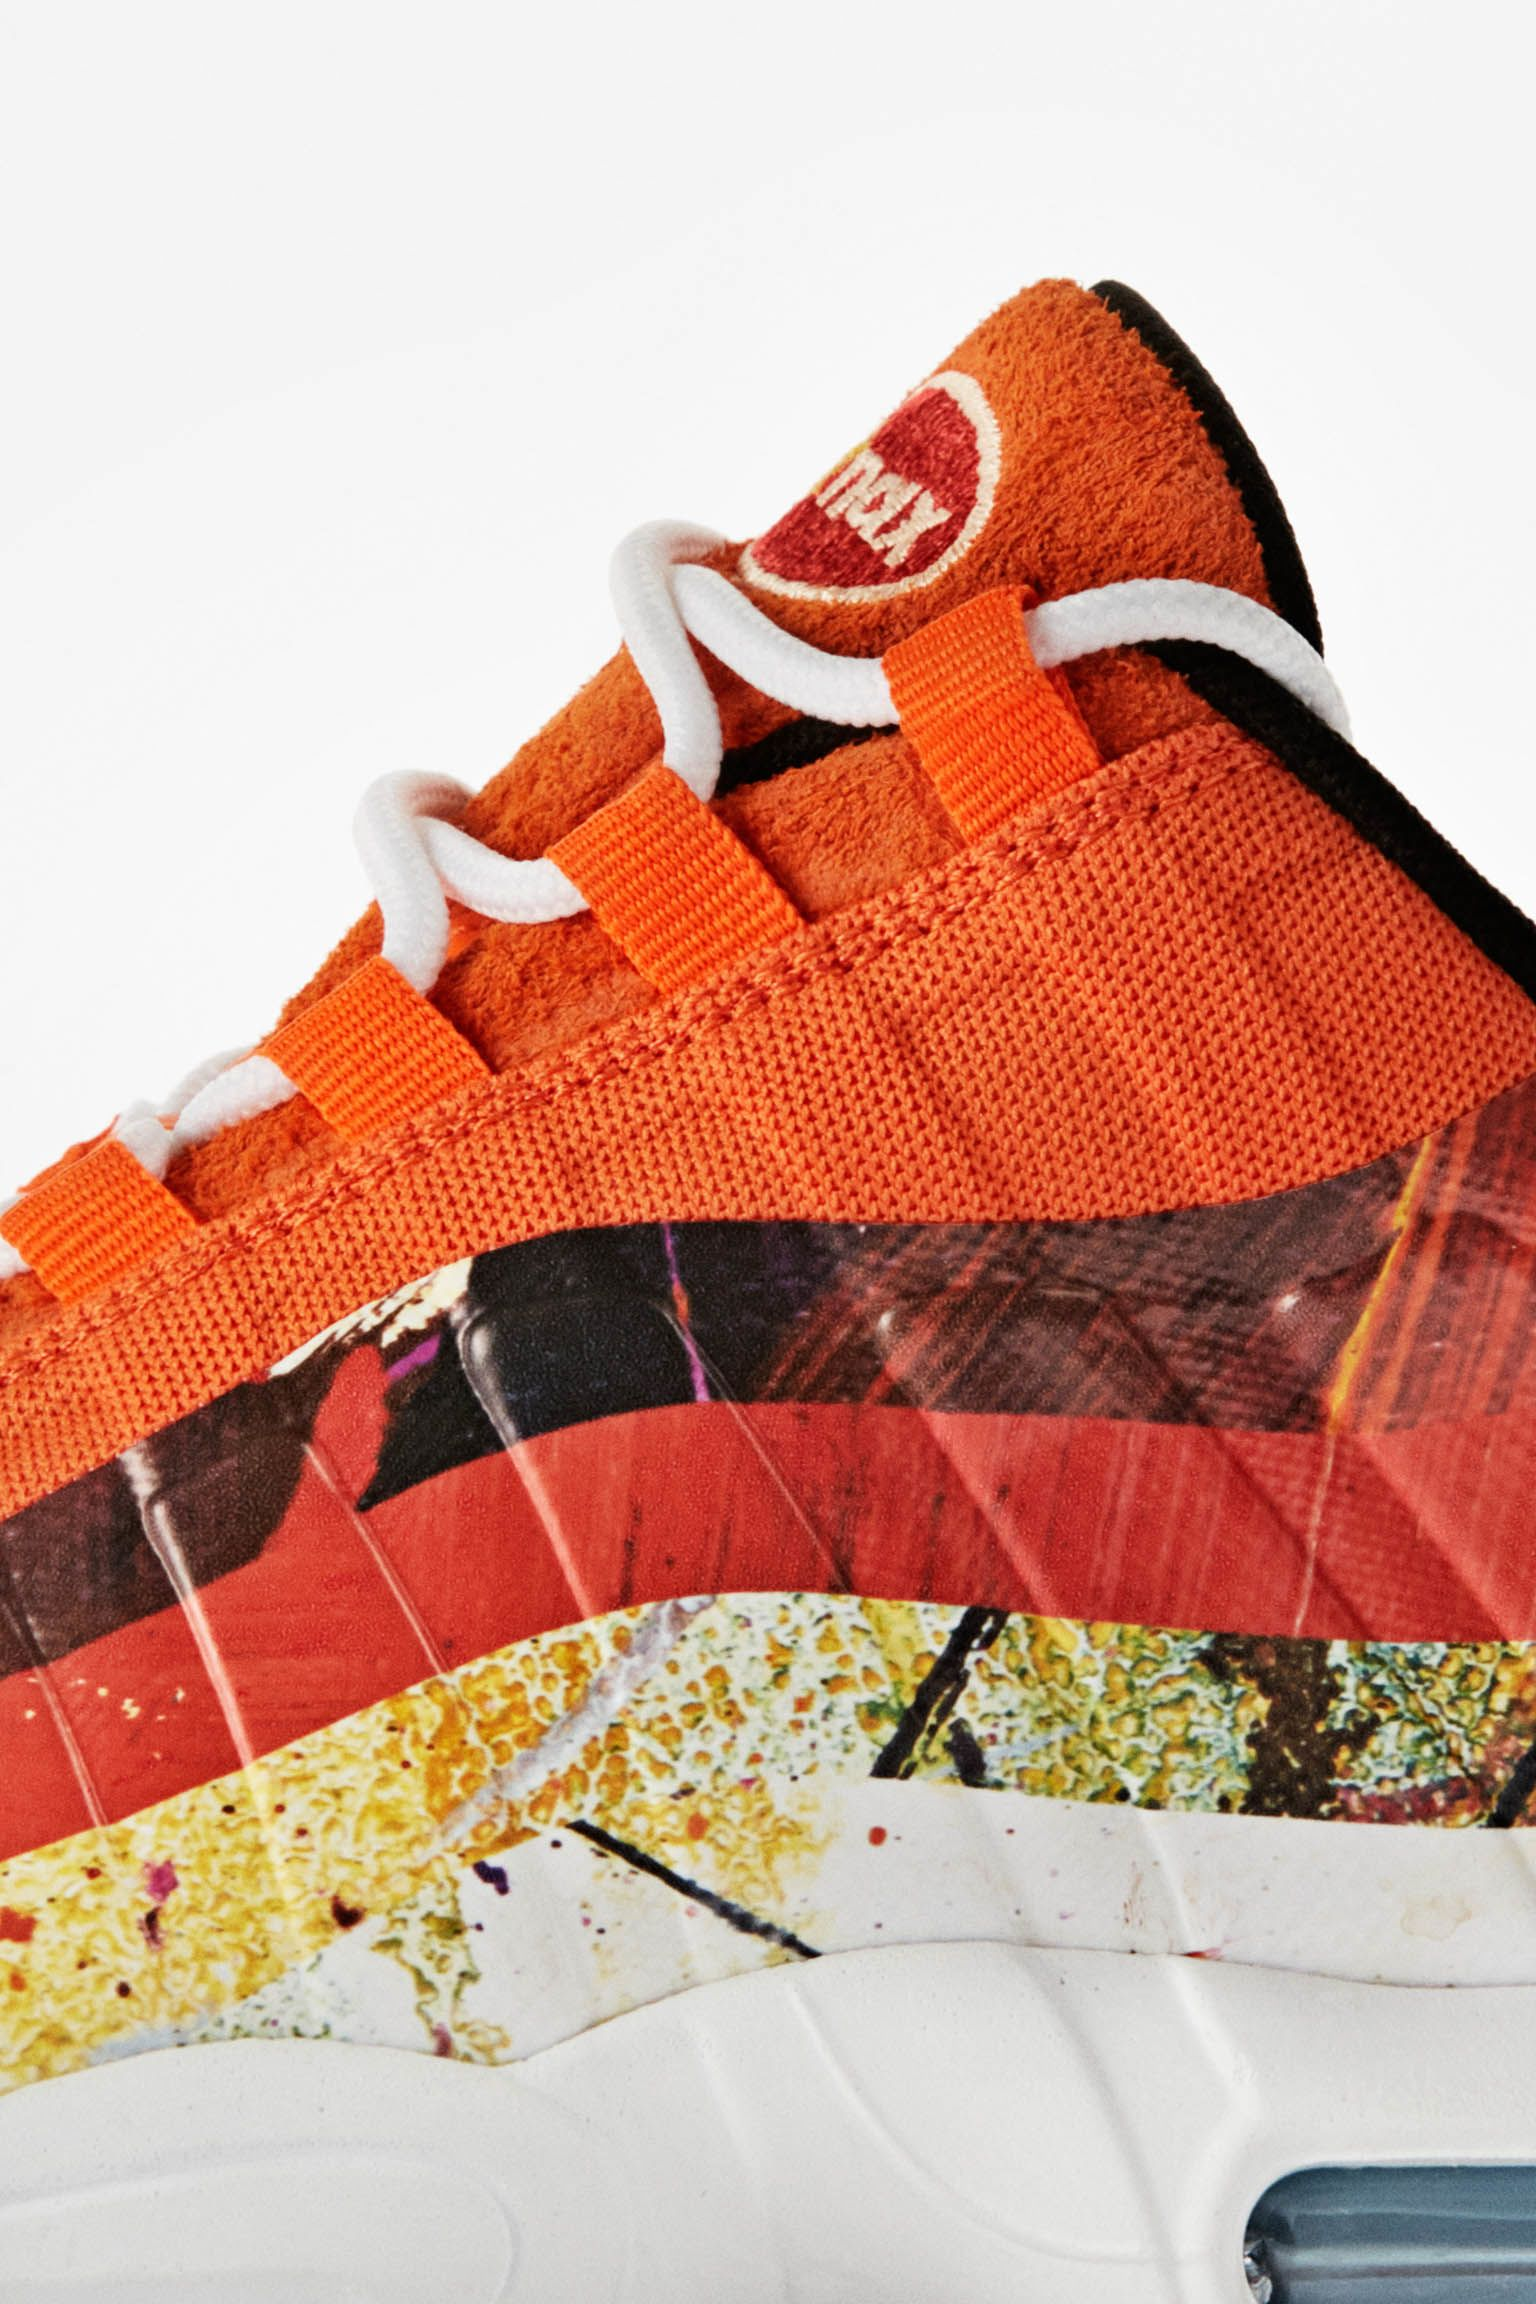 Nike Air Max 95 x Dave White 'Cayenne'